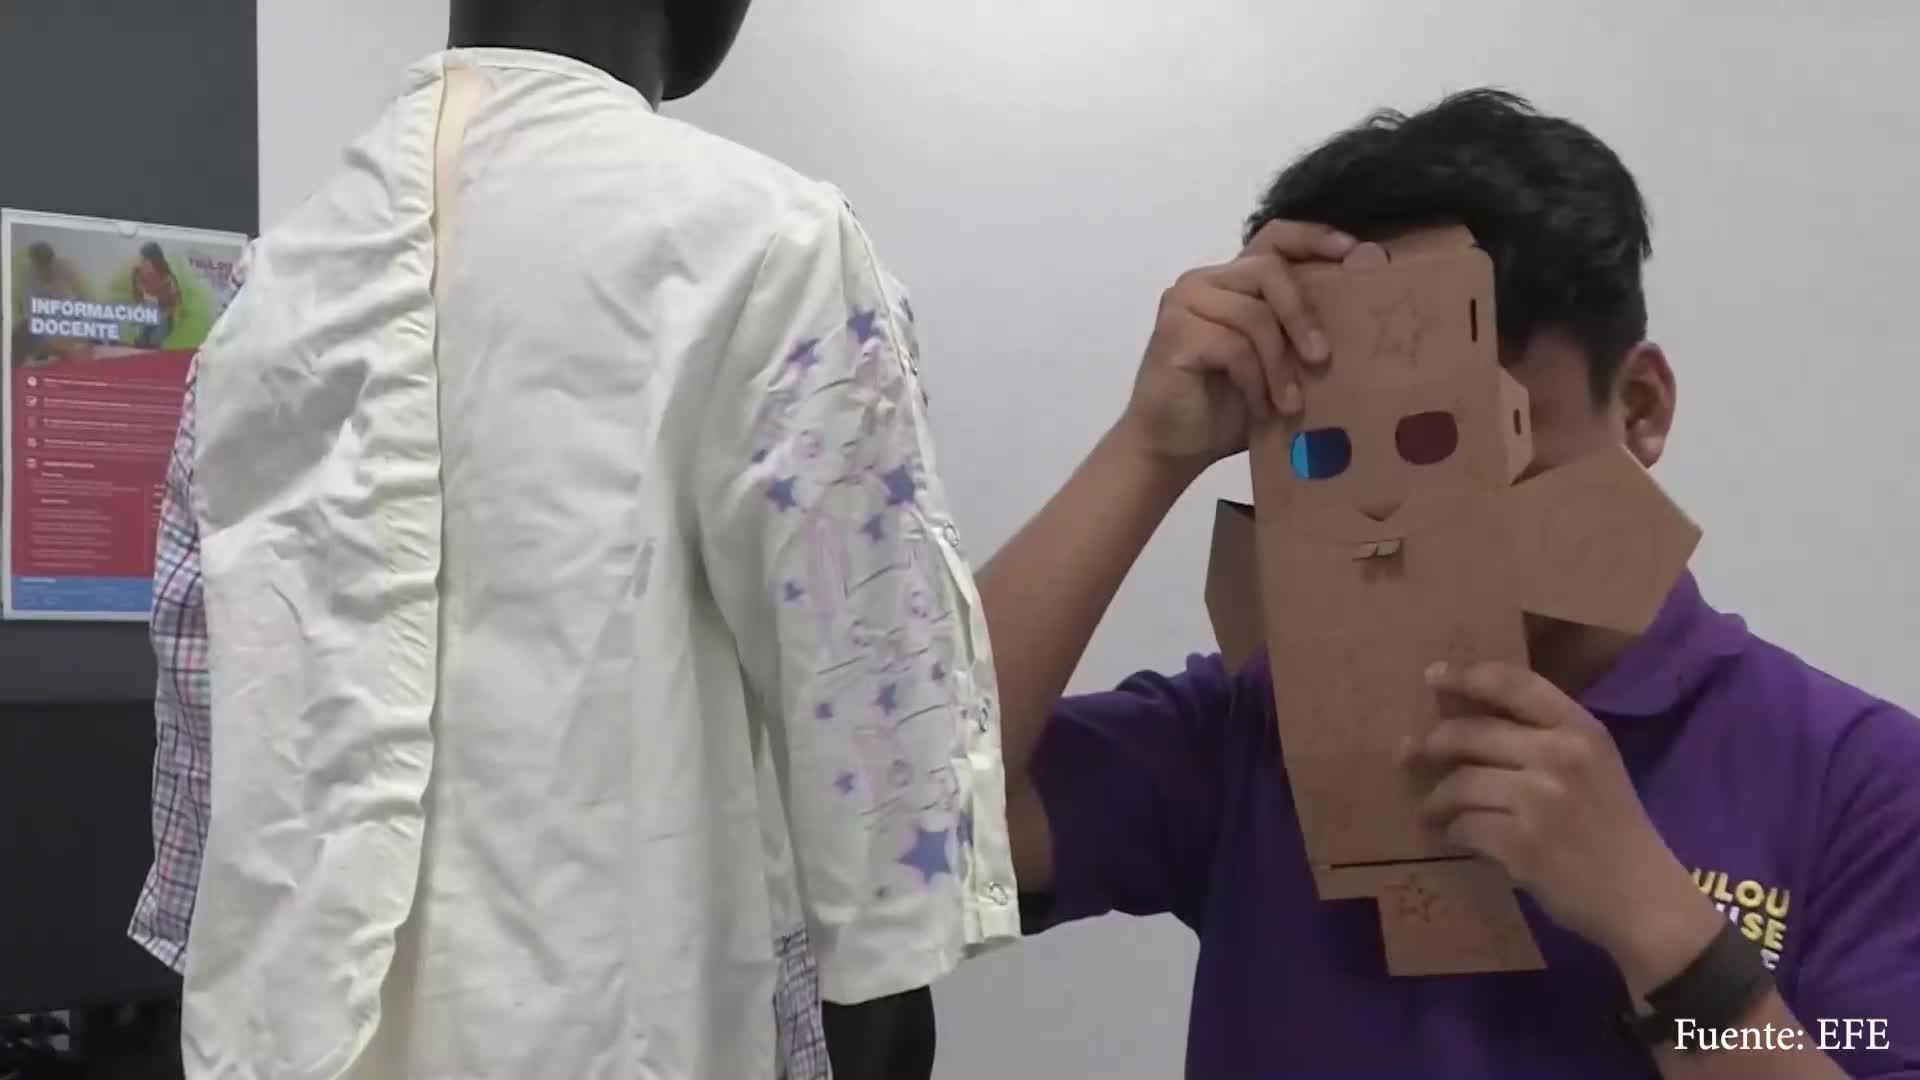 Niños quemados en Perú reciben pijama que ayuda a regenerar su piel